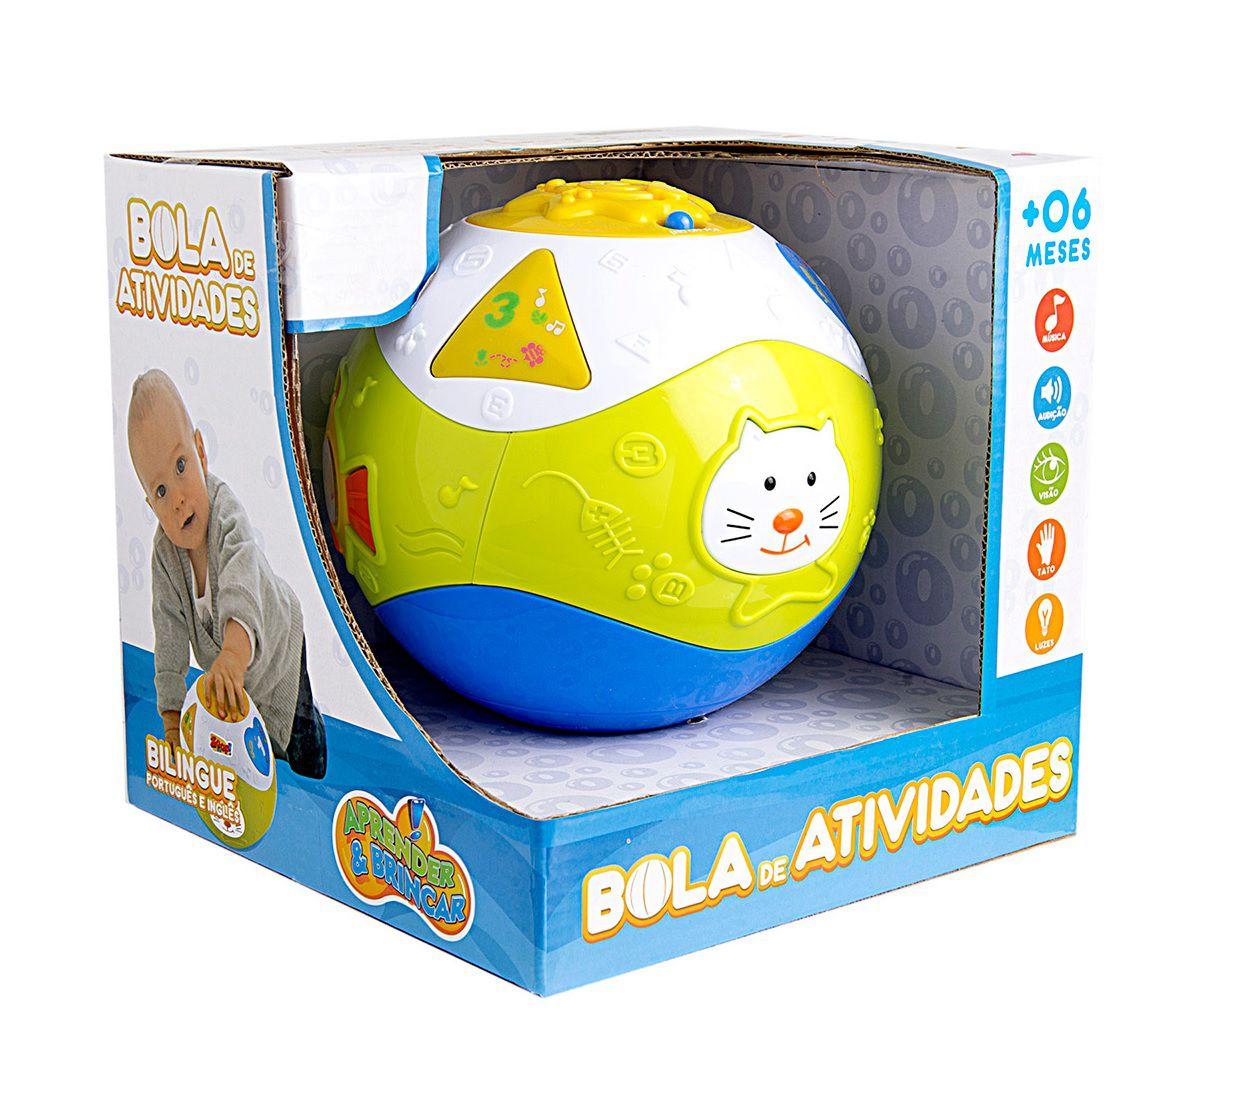 Bola de Atividades Bilíngue - Zoop Toys